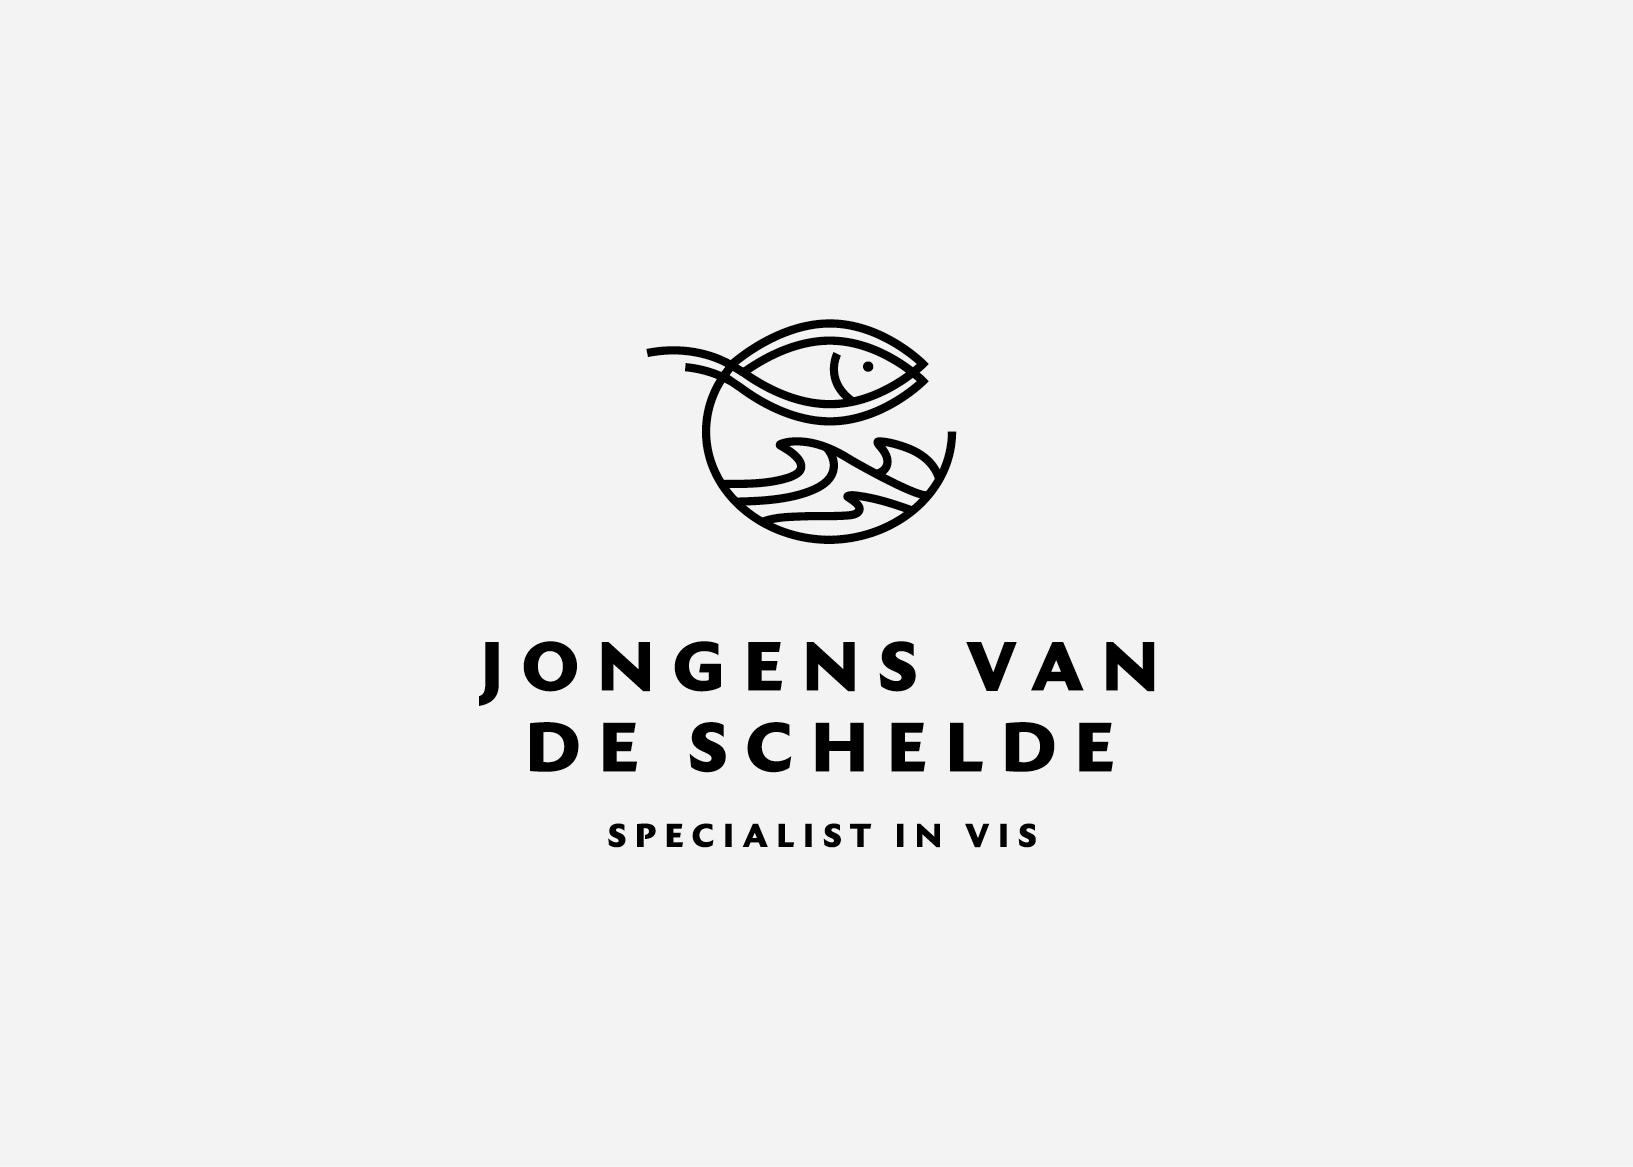 Logo-ontwerp-voor-jongens-van-de-schelde-ontwerpbureau-burowit-kampen-Thirza-Bakker